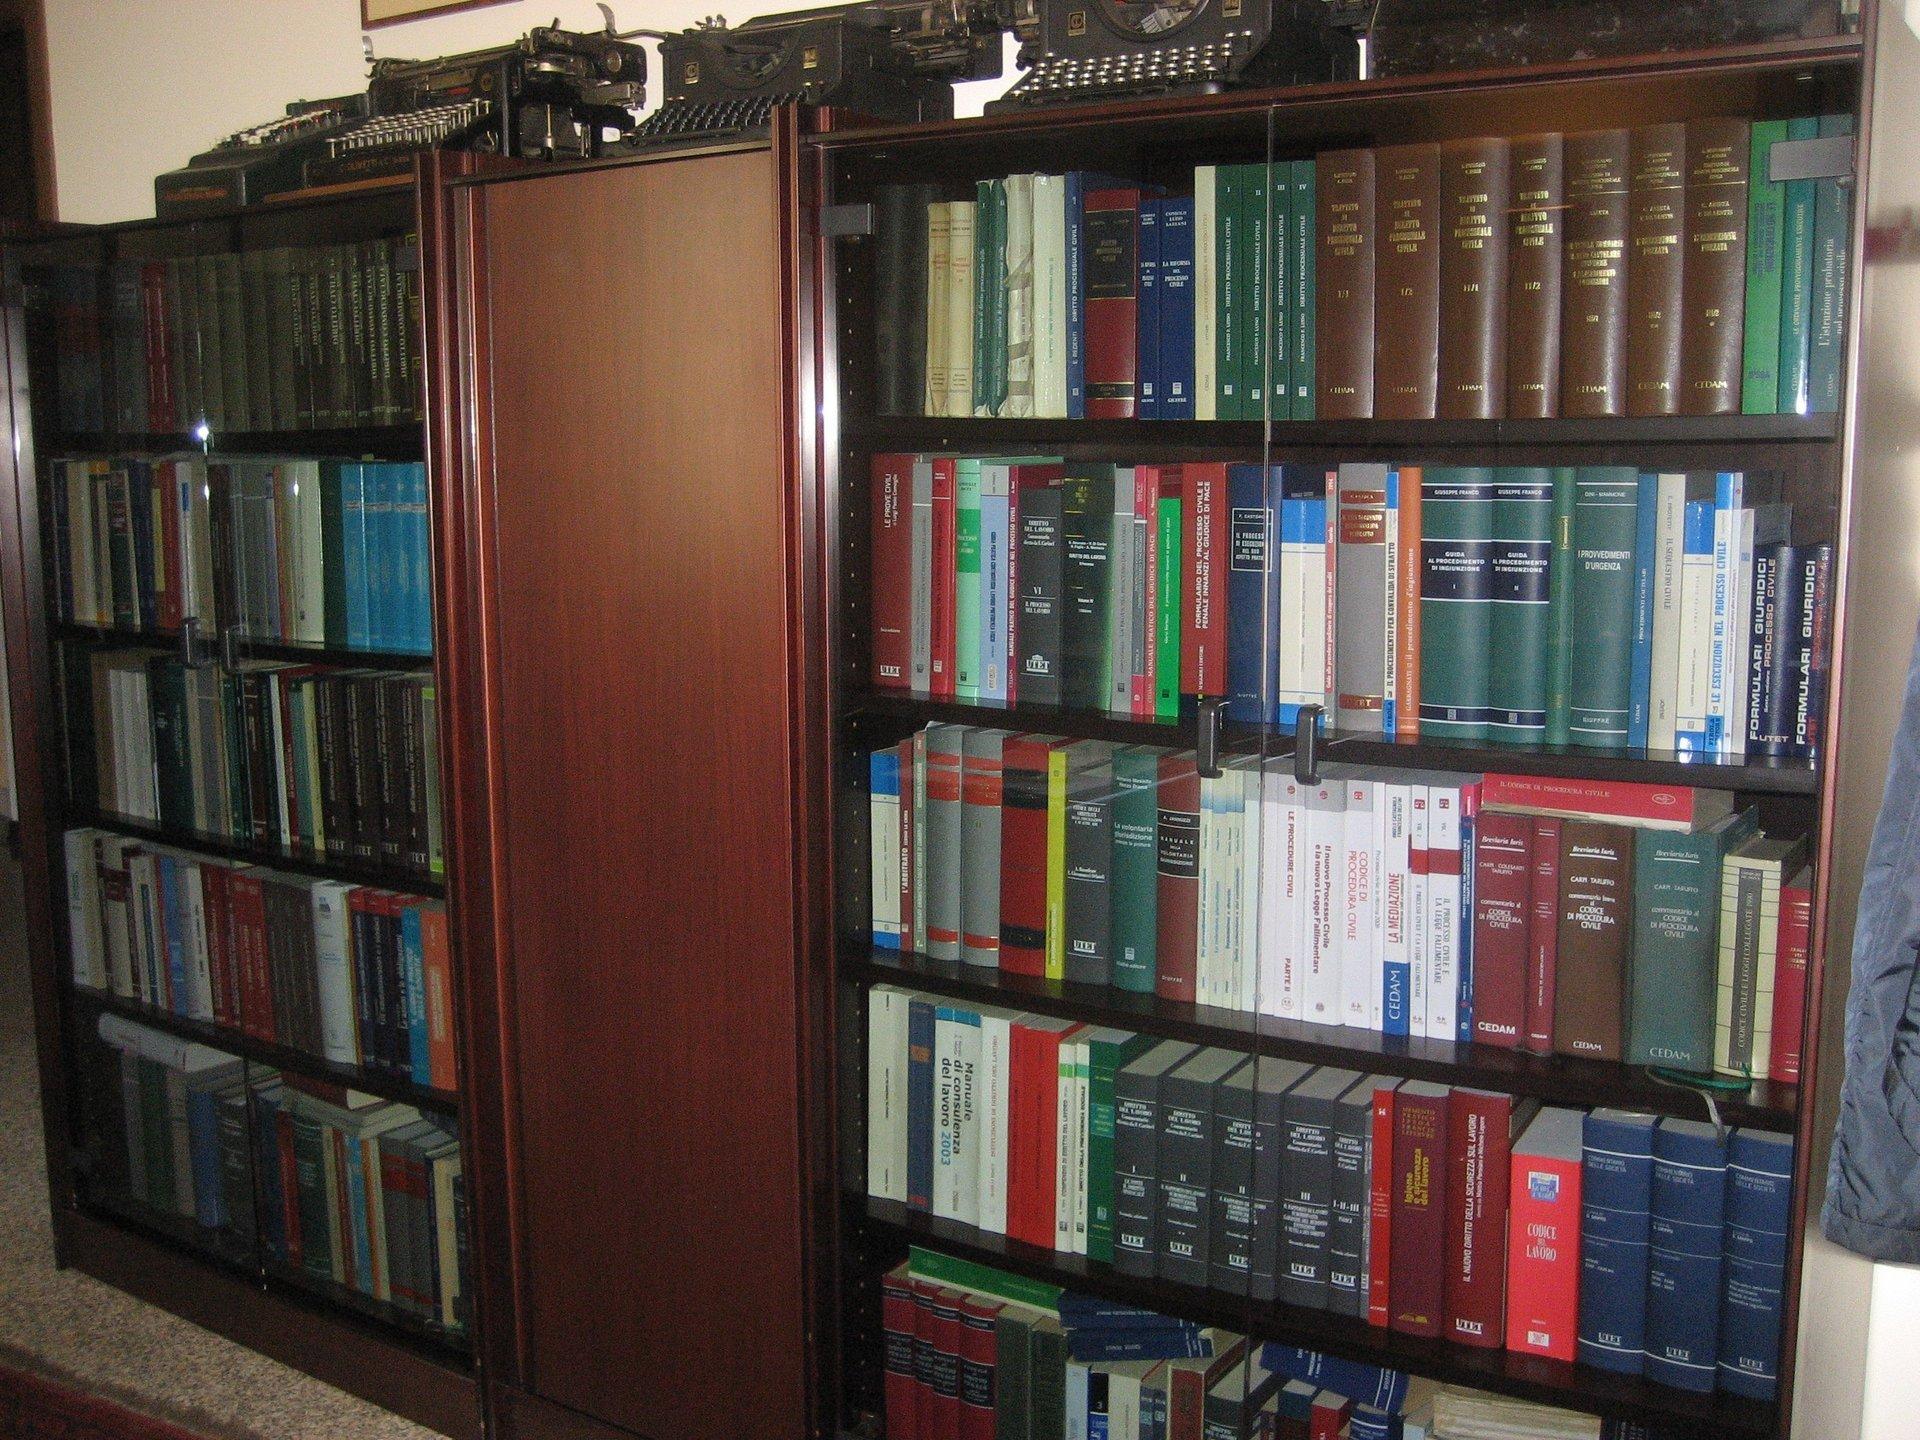 libreria con pubblicazioni giuridiche